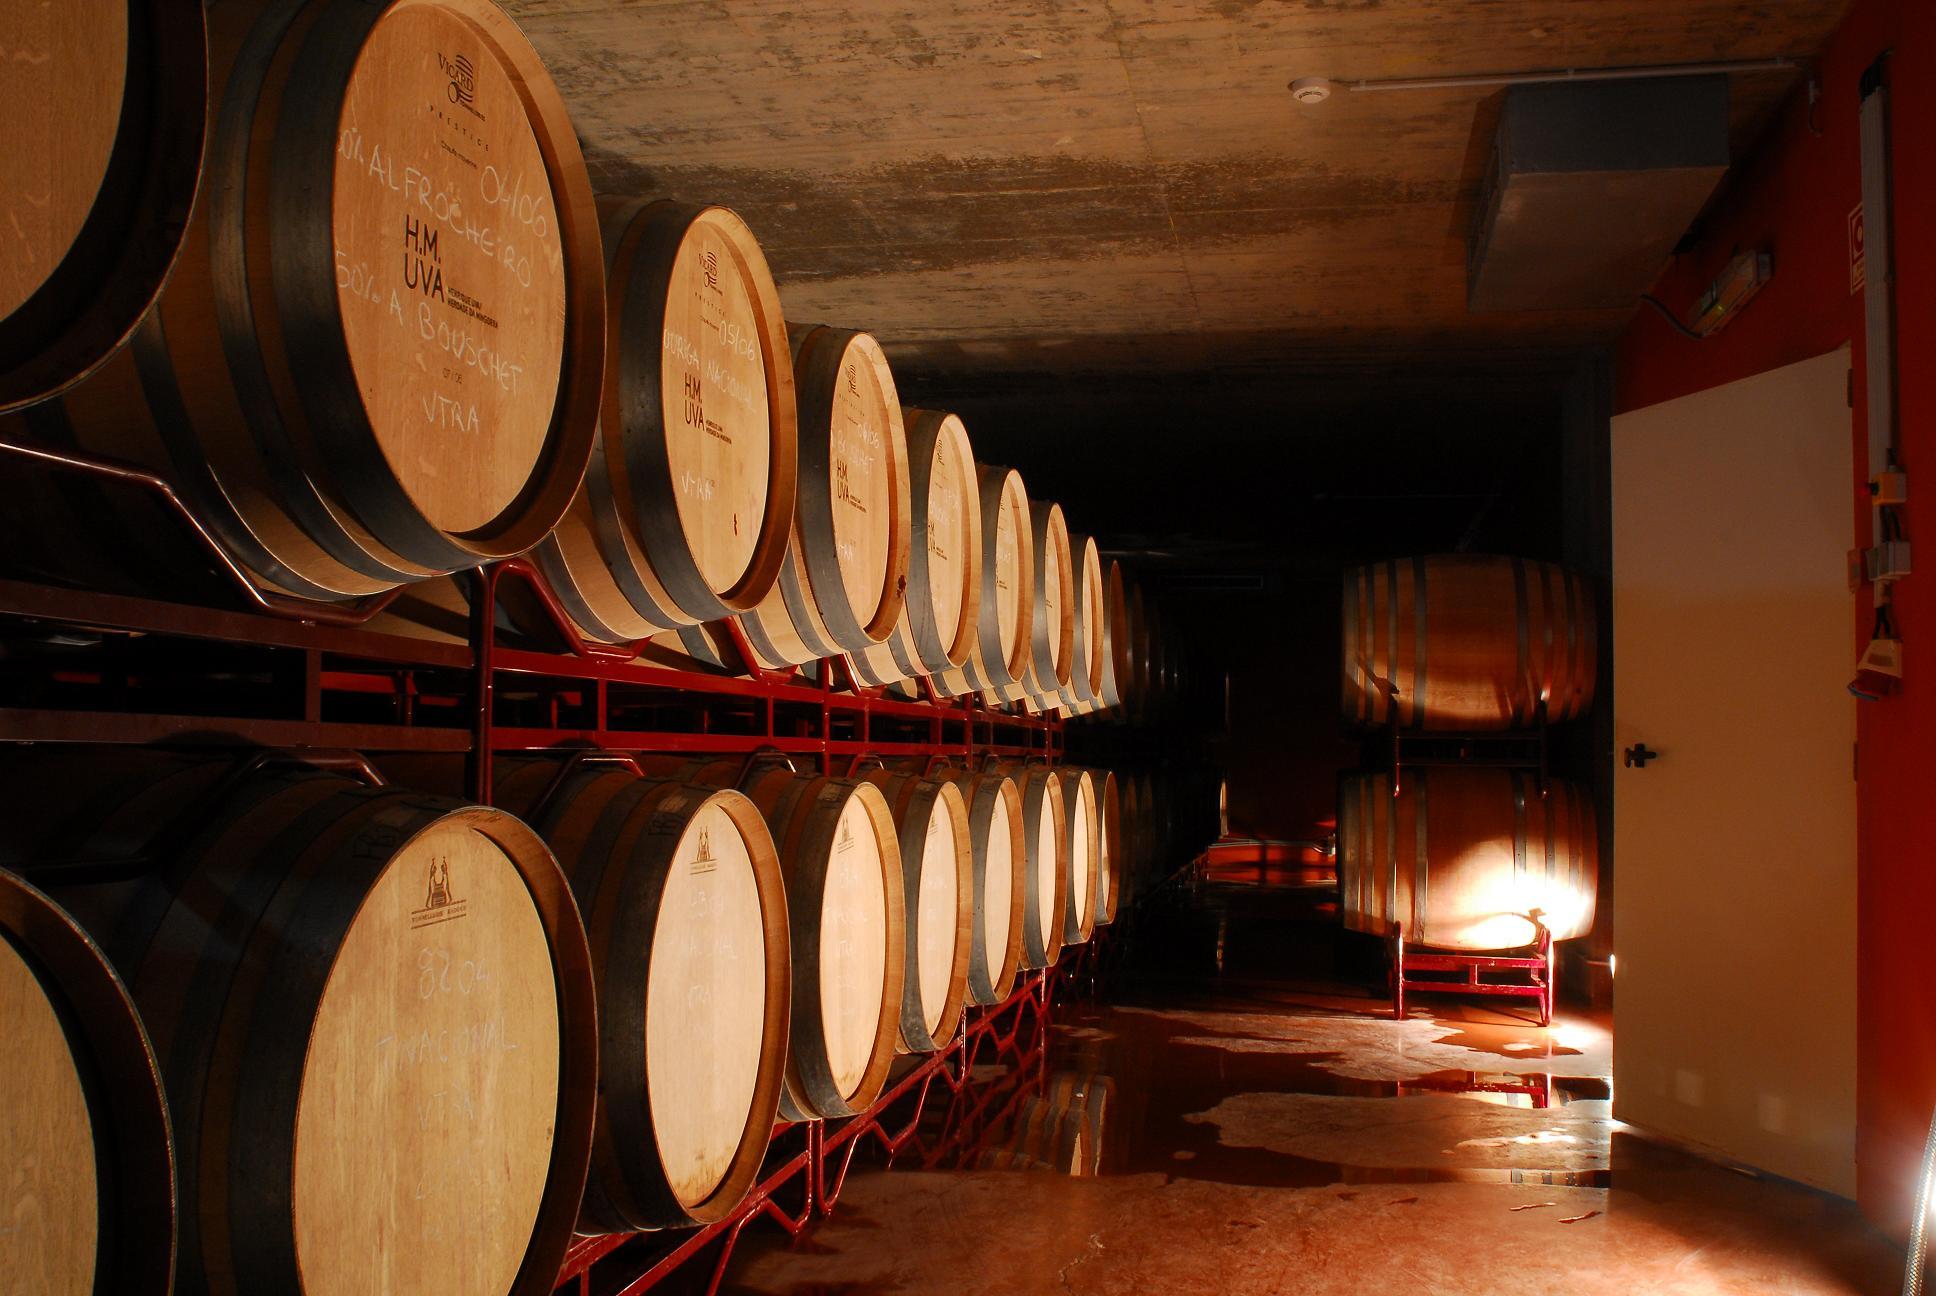 Os vinhos de Henrique Uva